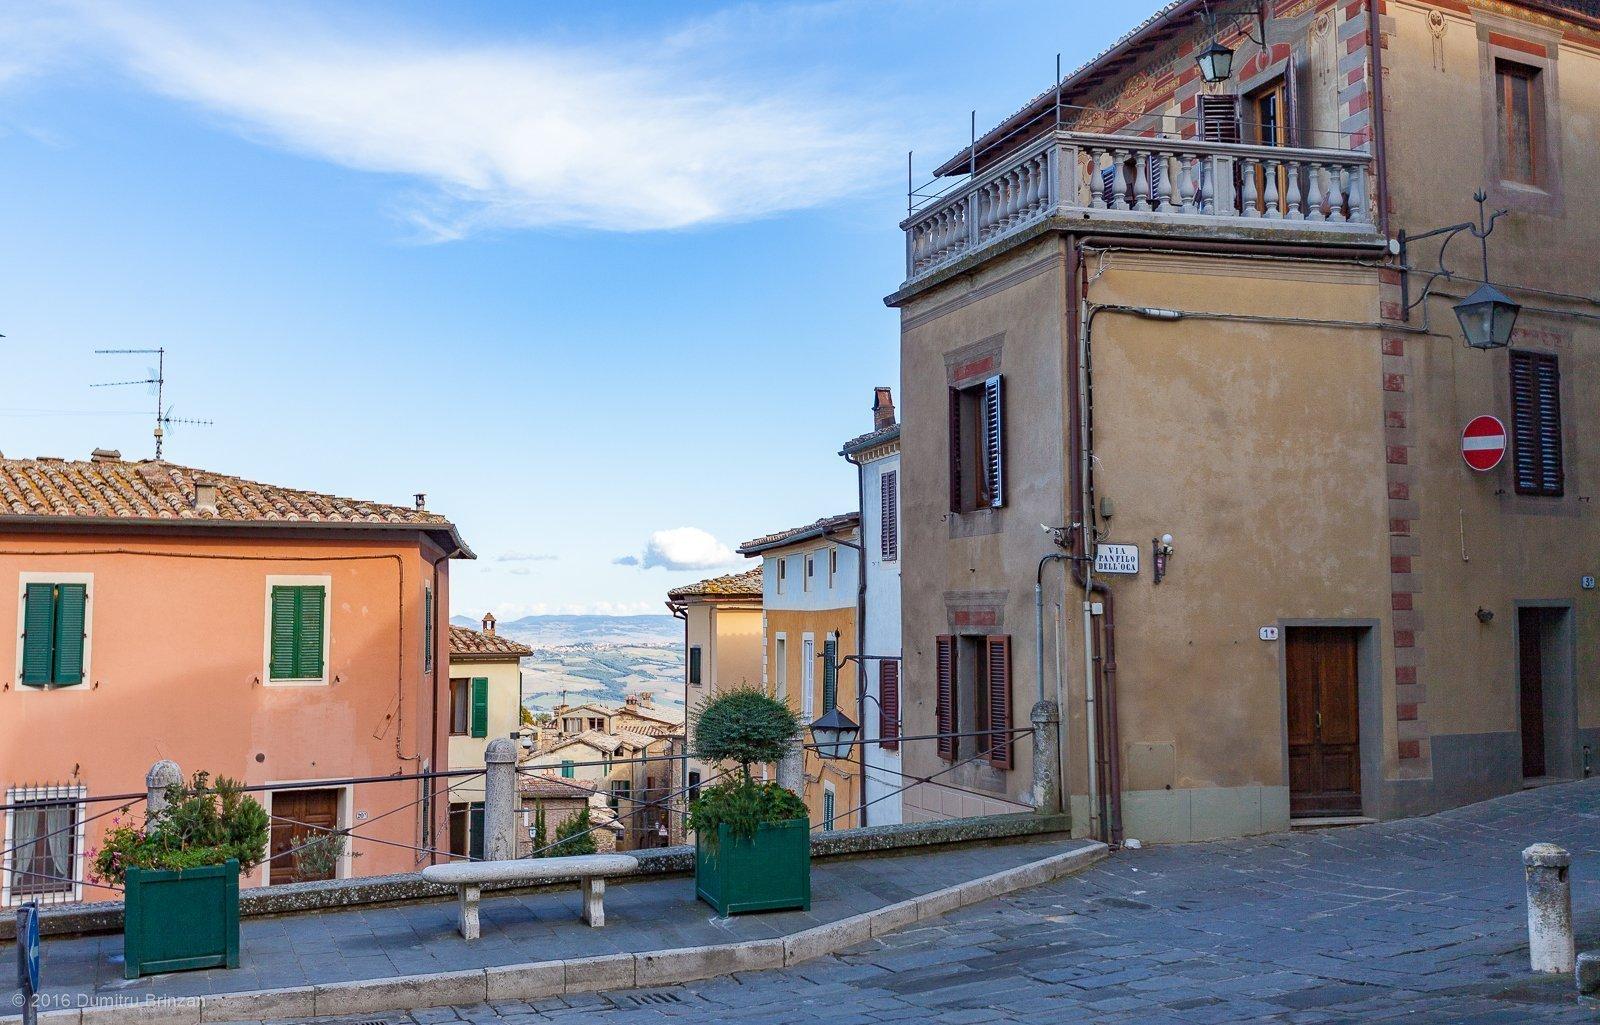 2016-montalcino-tuscany-italy-25